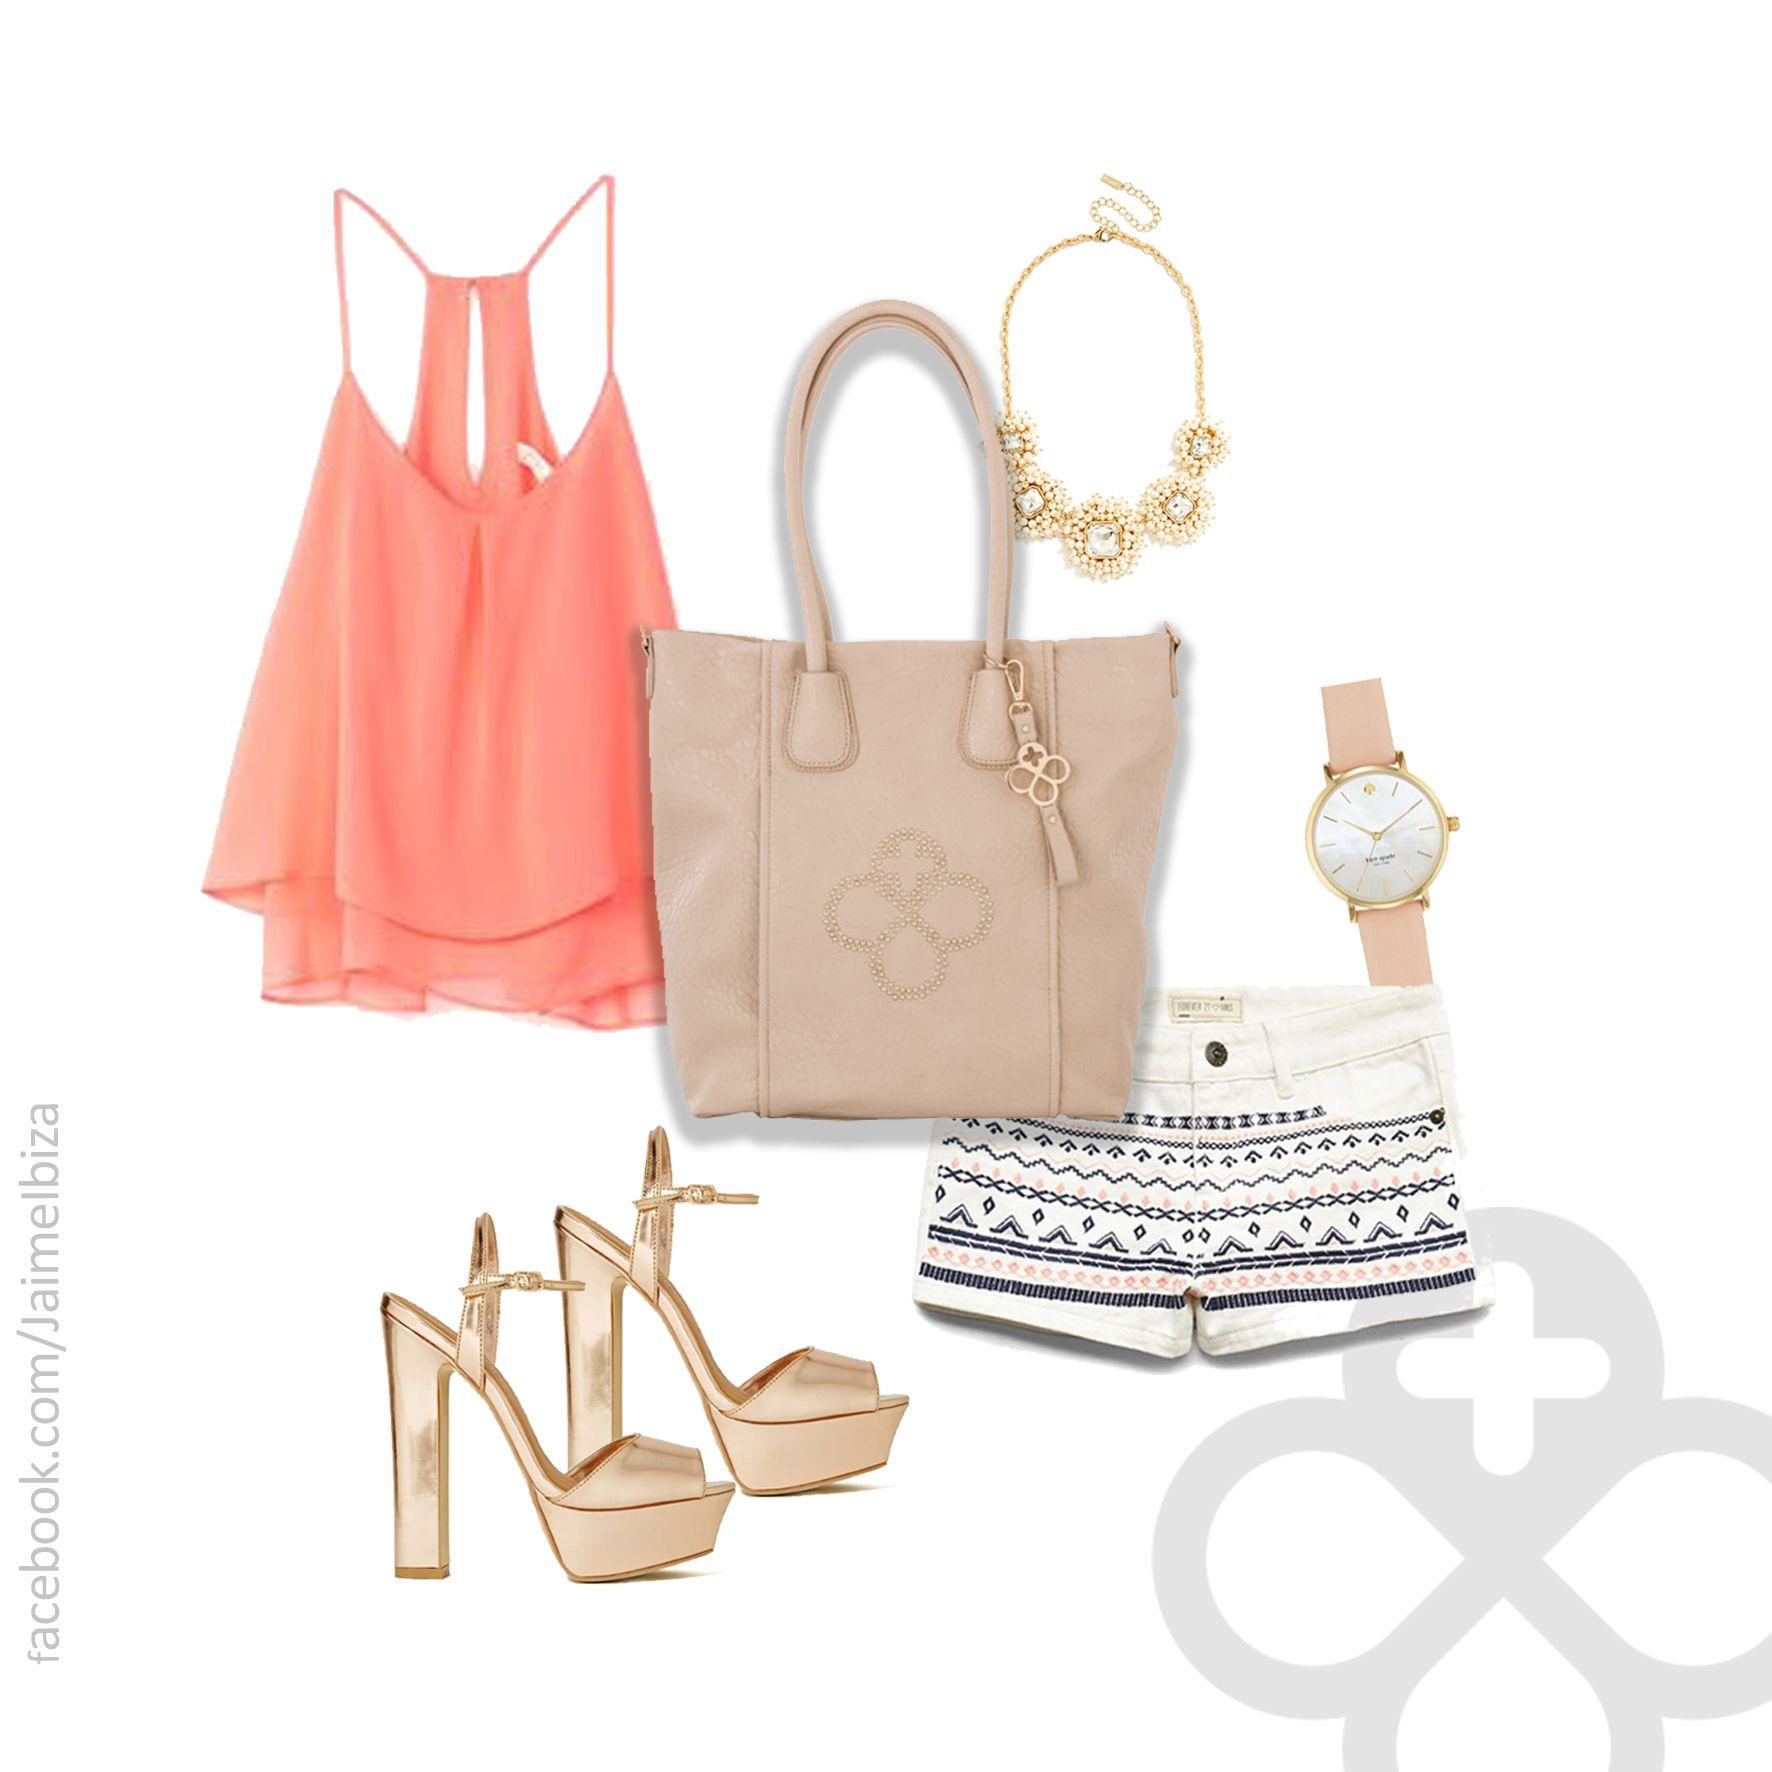 """¡Sigue la tendencia """"étnica"""" usando un short con bordados! Tu bolso #JaimeIbiza en color beige es perfecto para esta ocasión! #bolso #JaimeIbiza #Jaime #Ibiza #bolsa"""